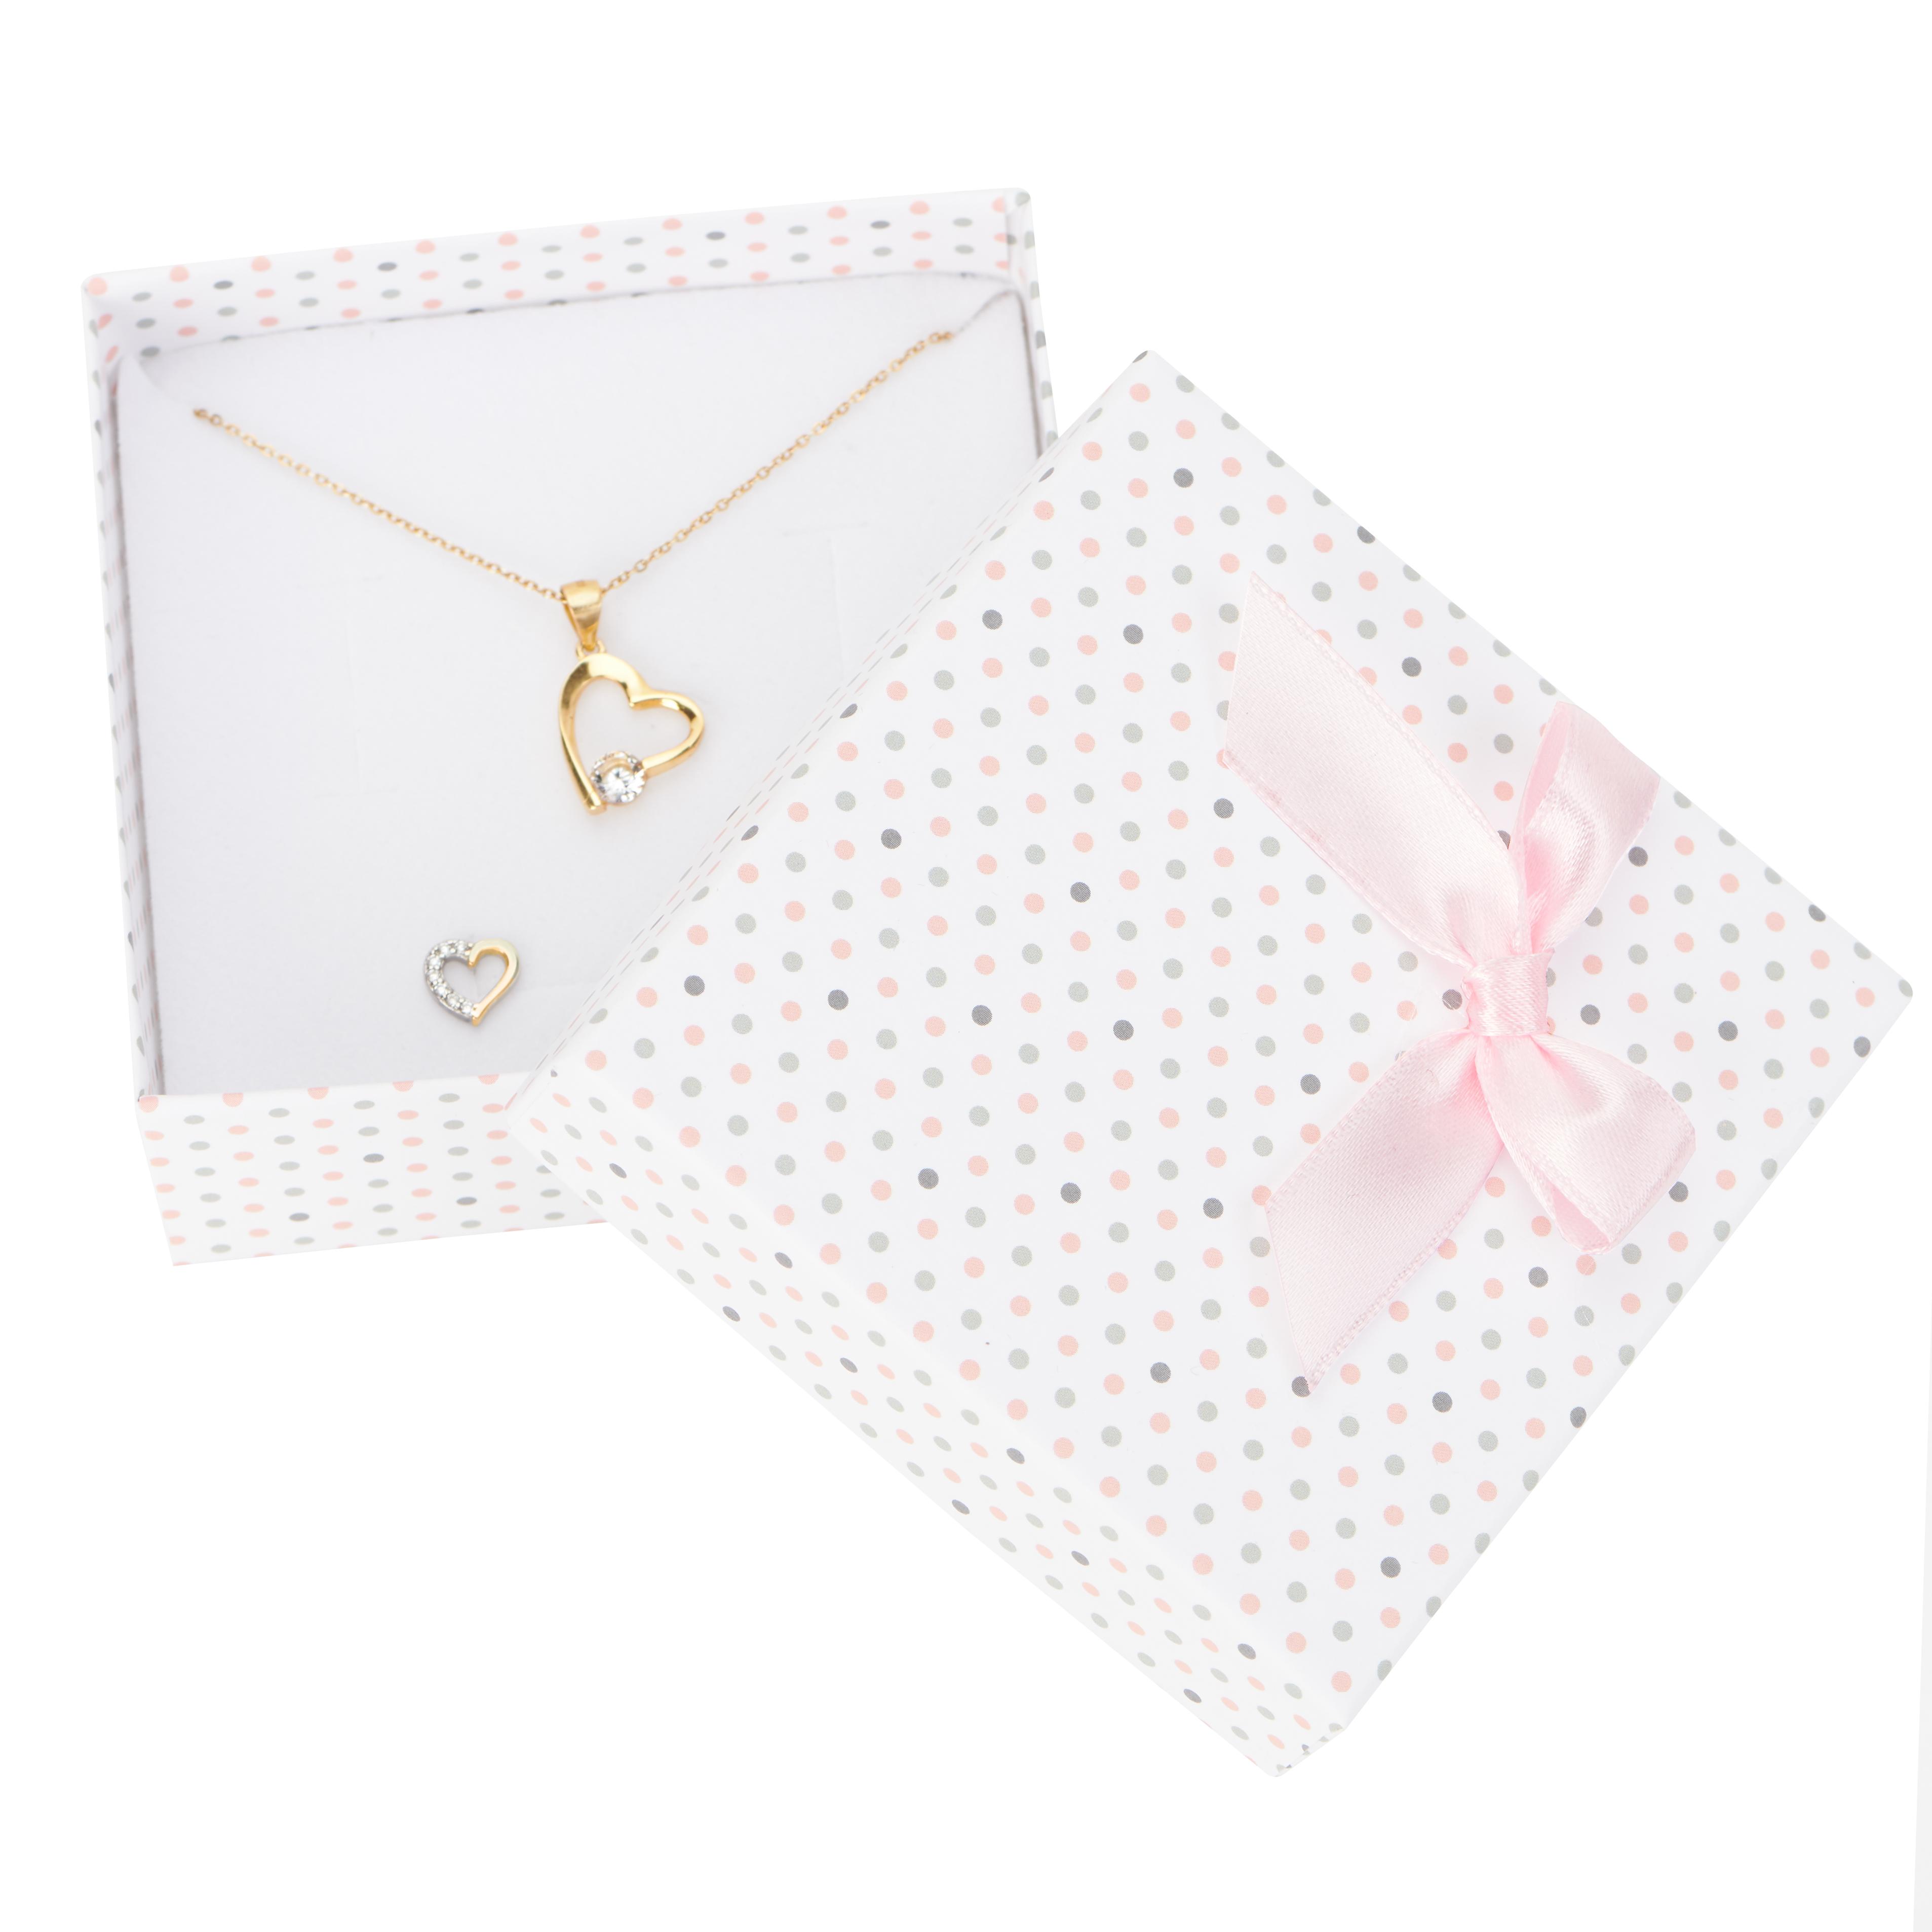 Cutie pt SET mic din carton PASTELLOVE pe alb cu roz